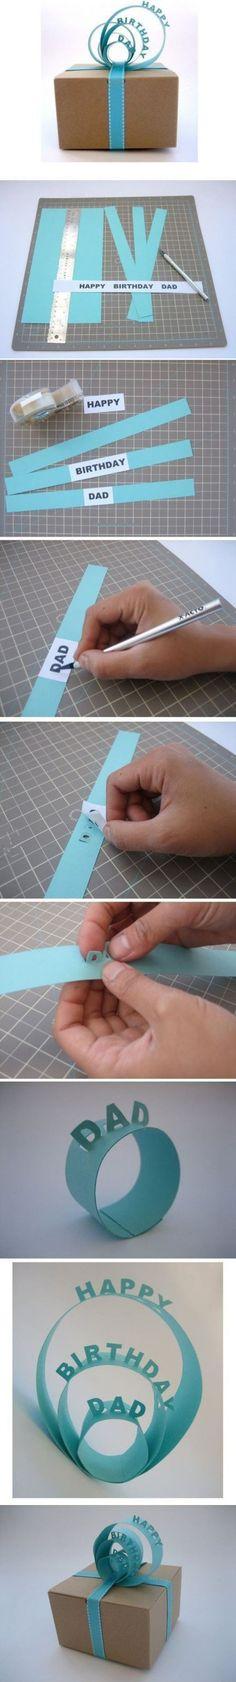 新技能get√教你如何制作能够表达心意的礼物包装!@非创意不广告